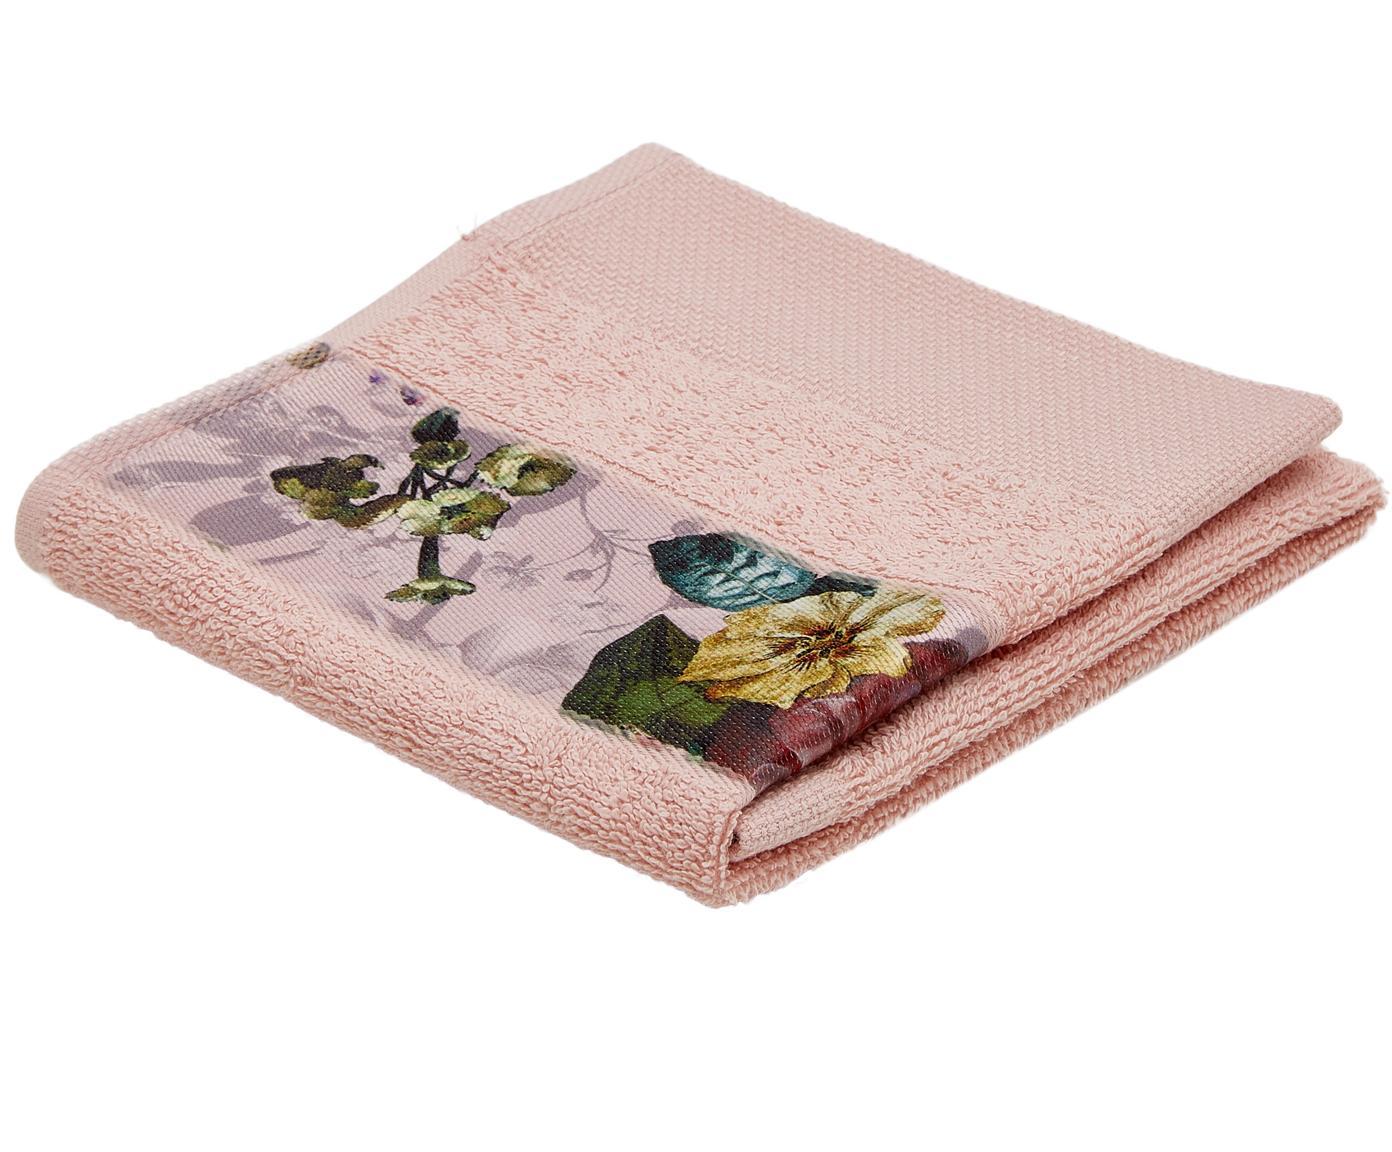 Handtuch Fleur mit Blumen-Bordüre, 97% Baumwolle, 3% Polyester, Rosa, Mehrfarbig, Gästehandtuch